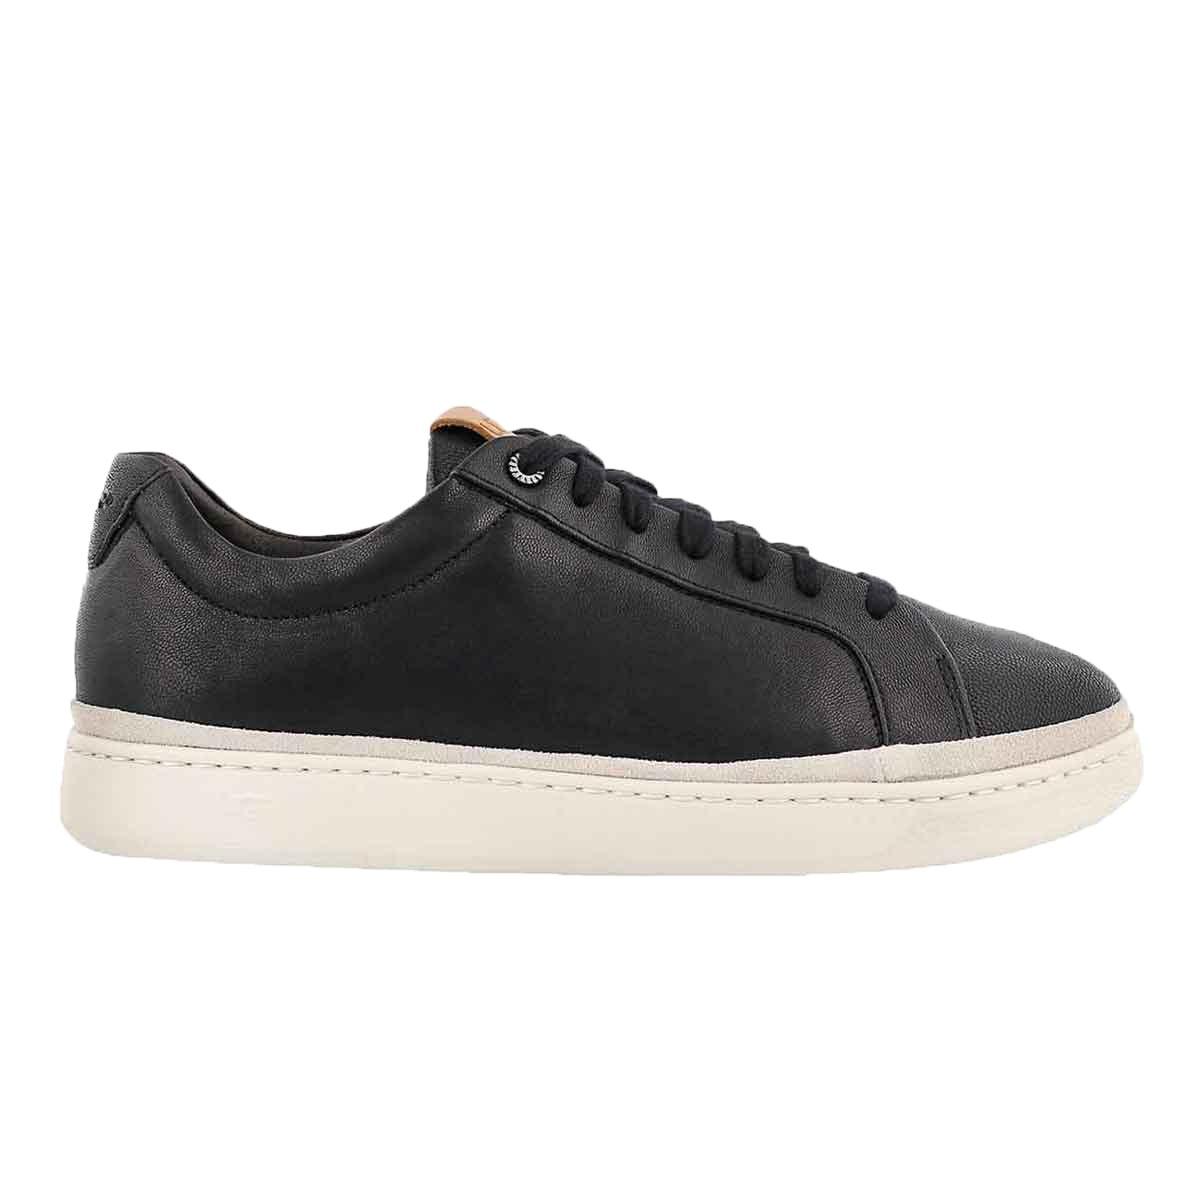 Men's CALI SNEAKER LOW black sneakers